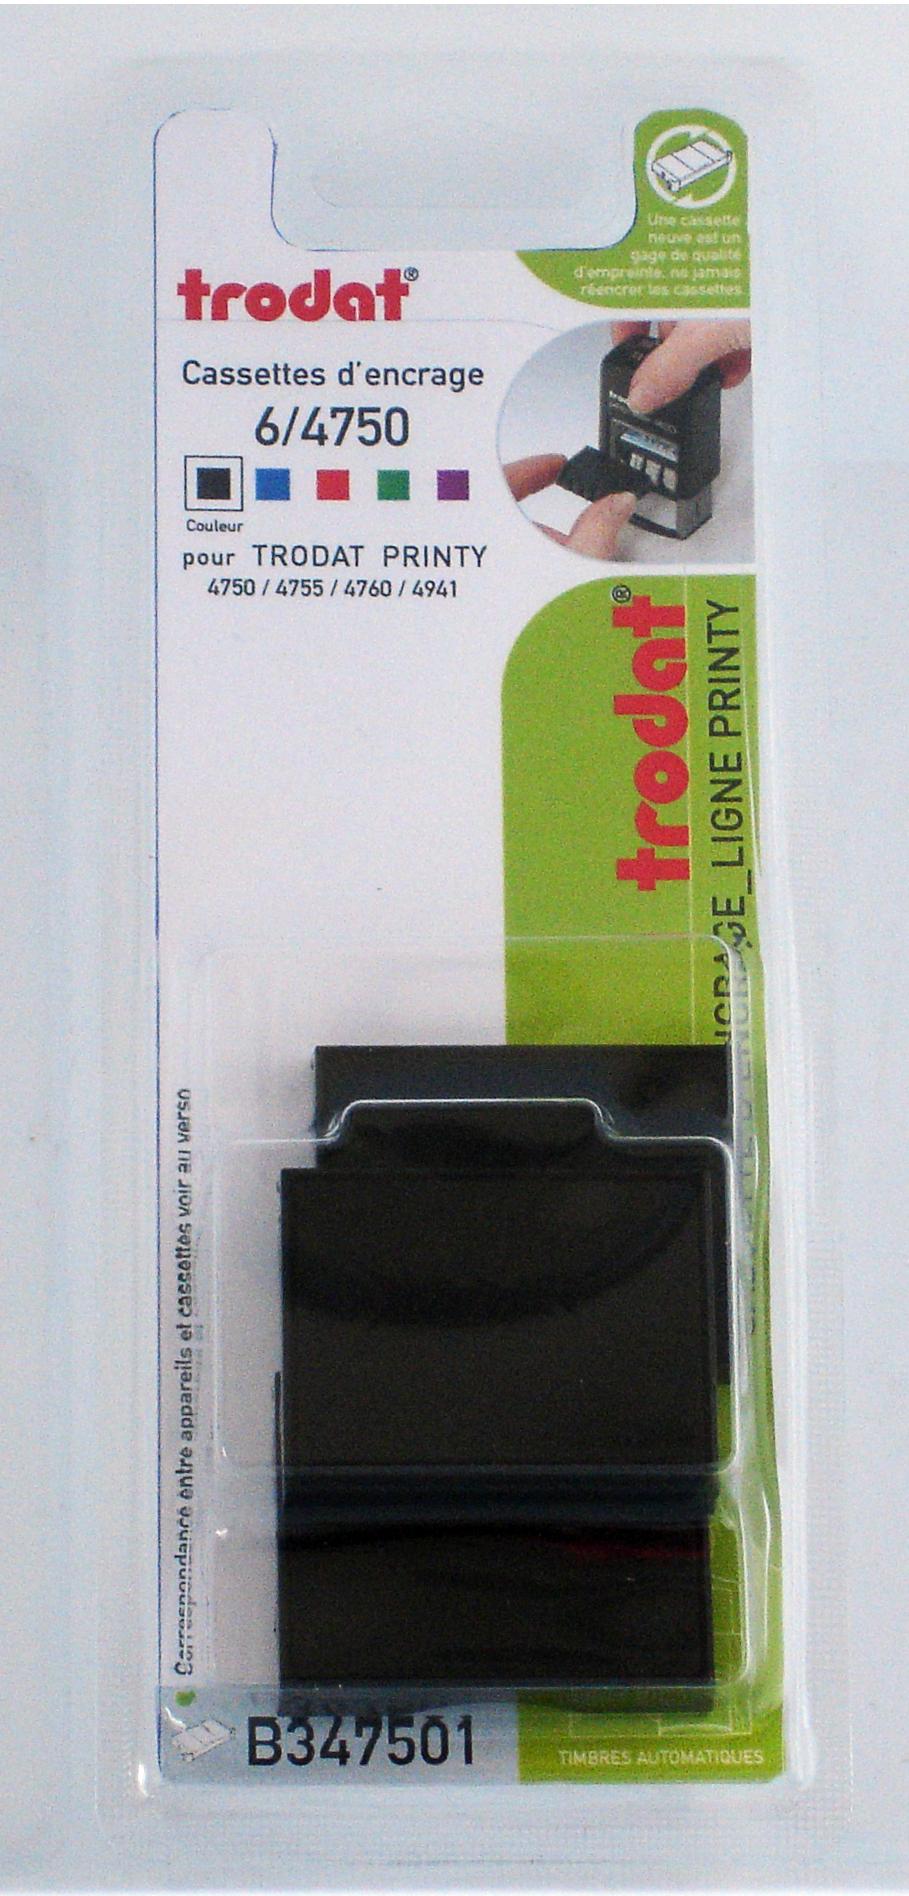 Trodat - 3 Encriers 6/4750 recharges pour tampon Printy 4941/4750 - noir